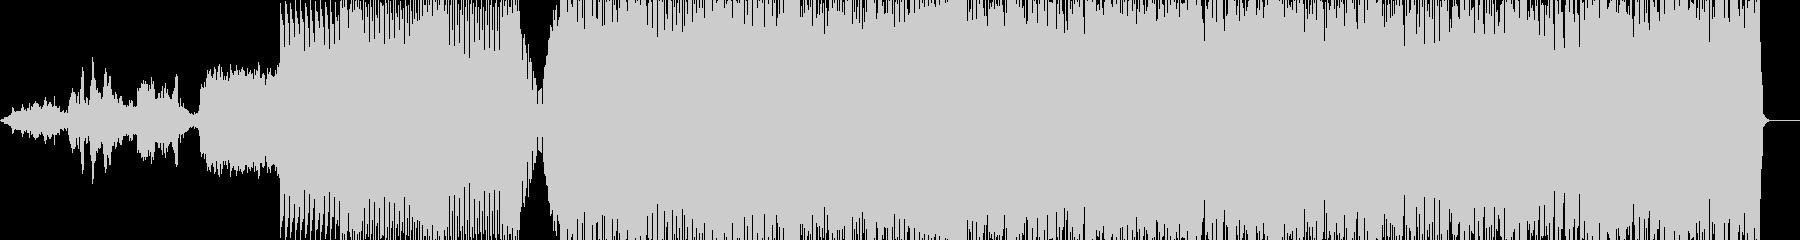 ディレイラマという音源を使用した曲です。の未再生の波形